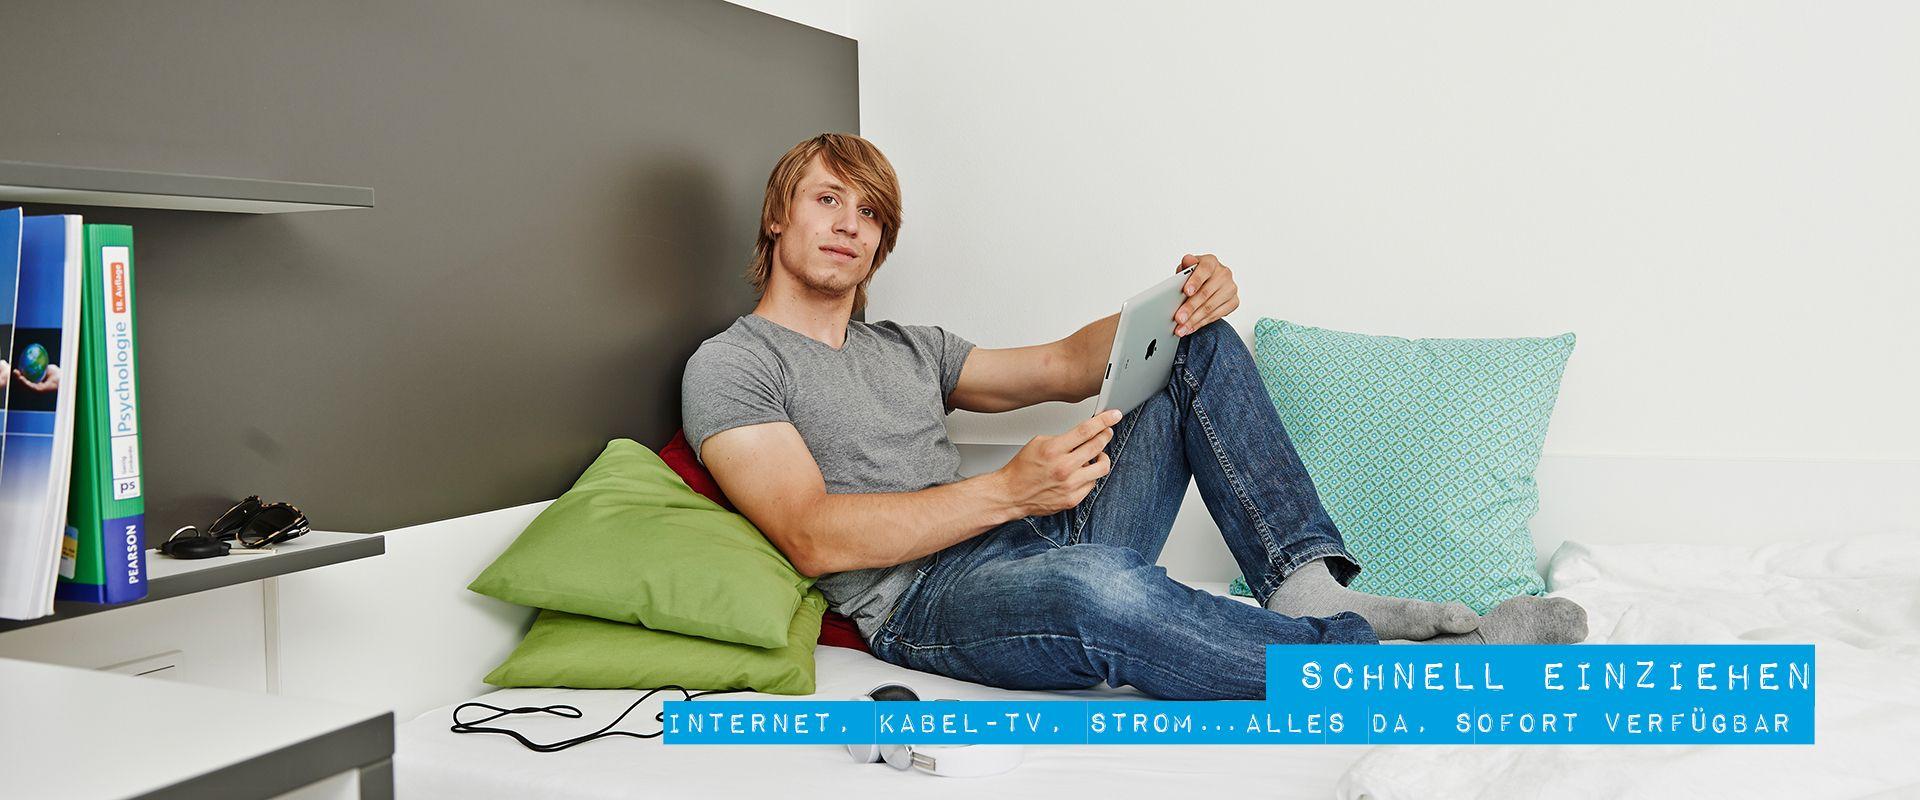 Schnell einziehen in moderne Apartments mit High-Speed Internet, Kabel-TV, Strom, Küche und Möblierung